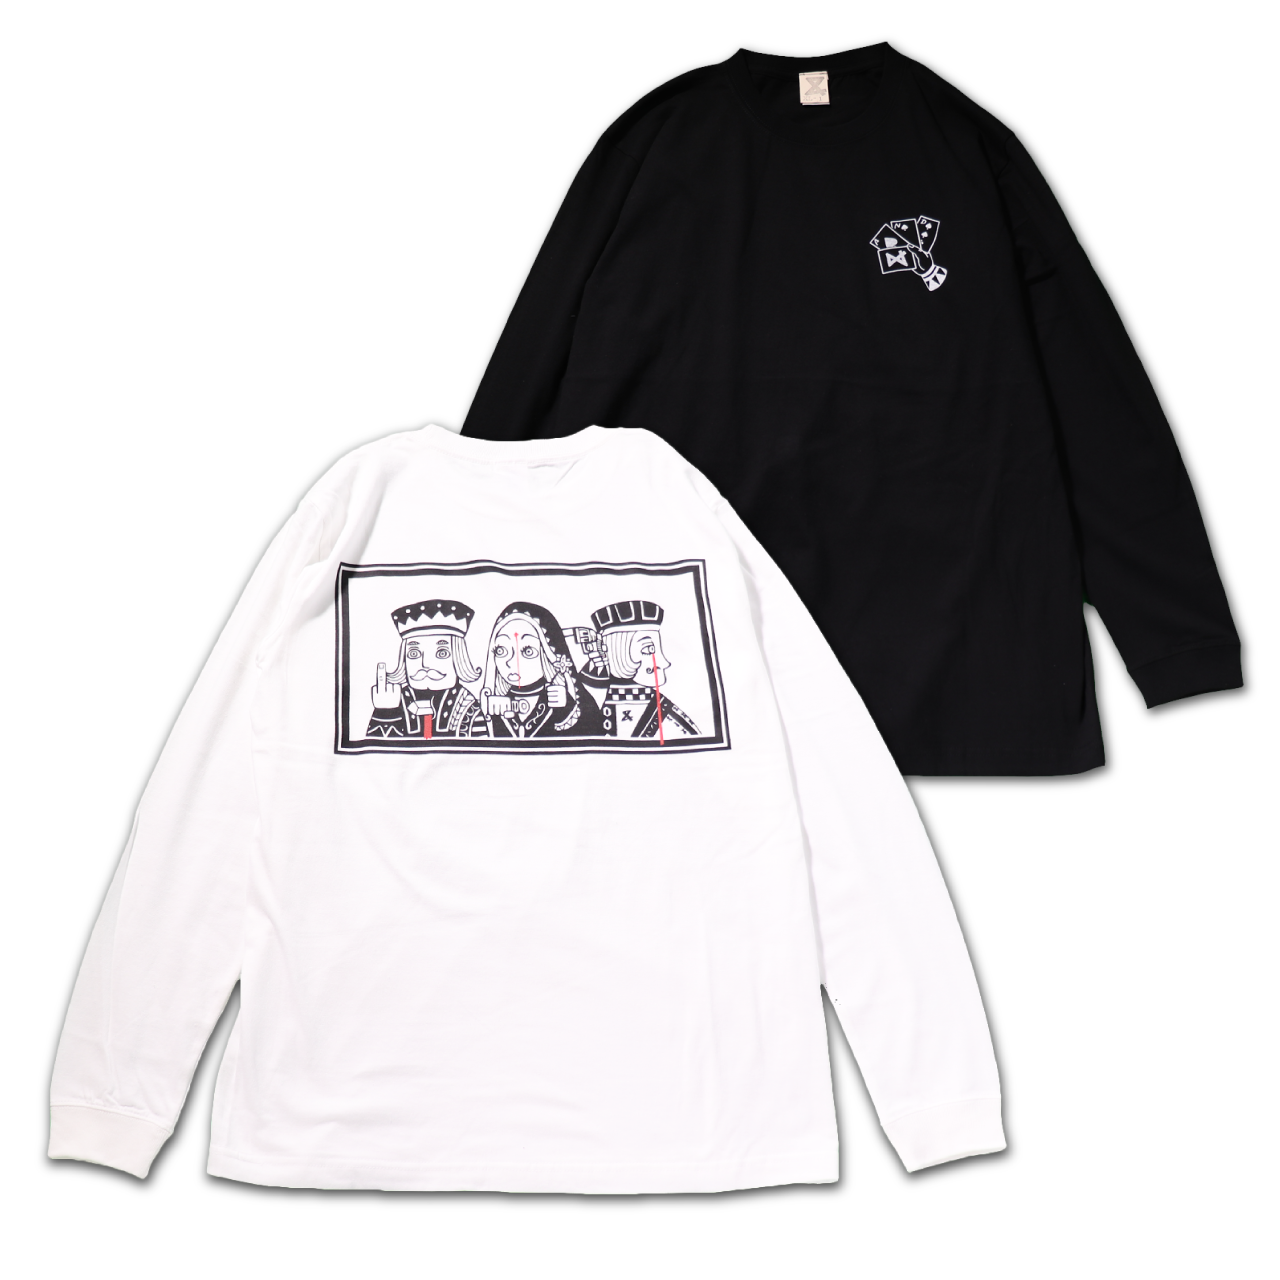 Black Jack Long Tshirts